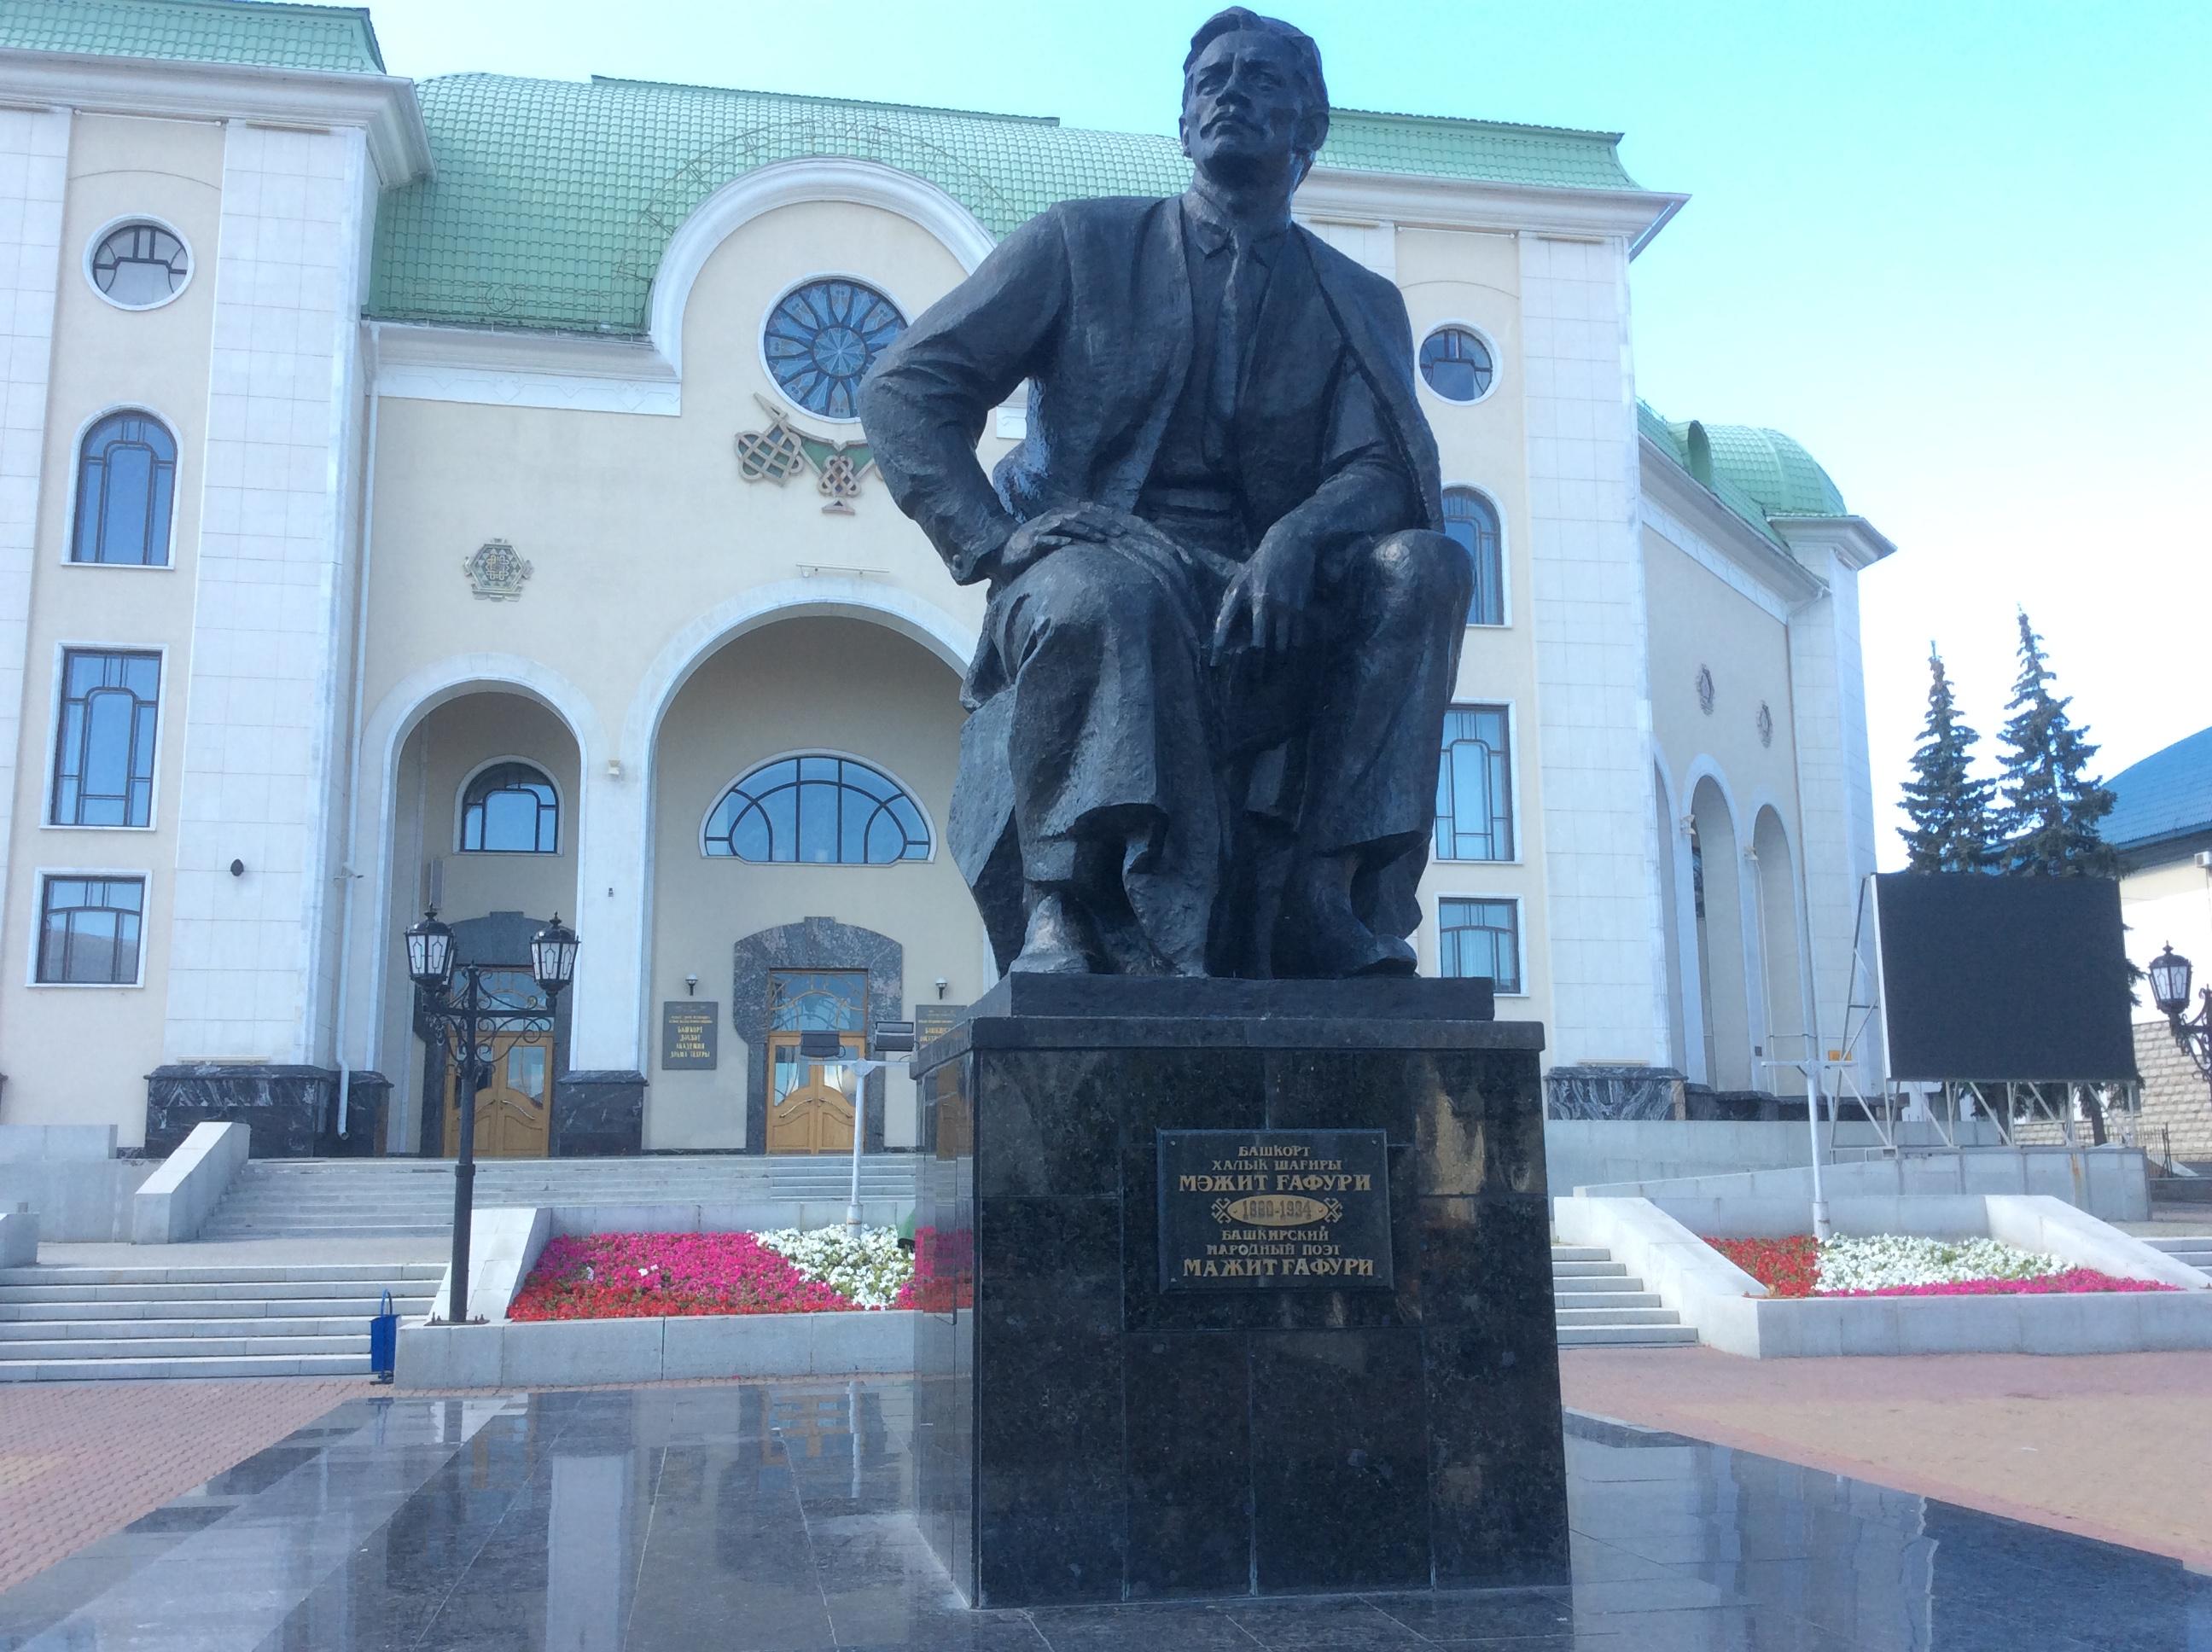 Памятник отцу в уфе на горсовете могильные памятники цены в кемерово   посредников